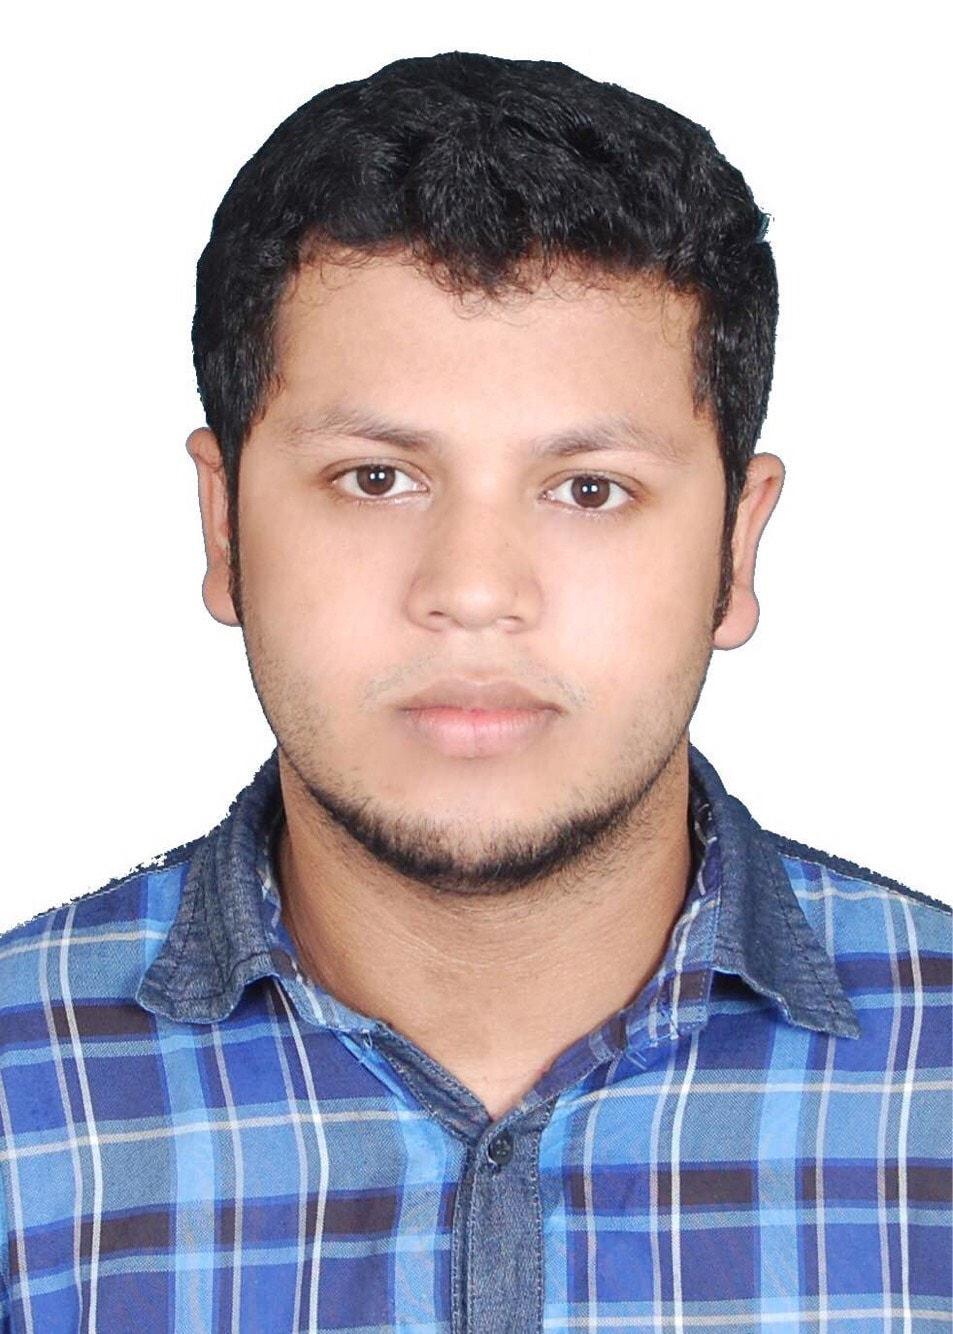 Sharif-Hossain-Rony